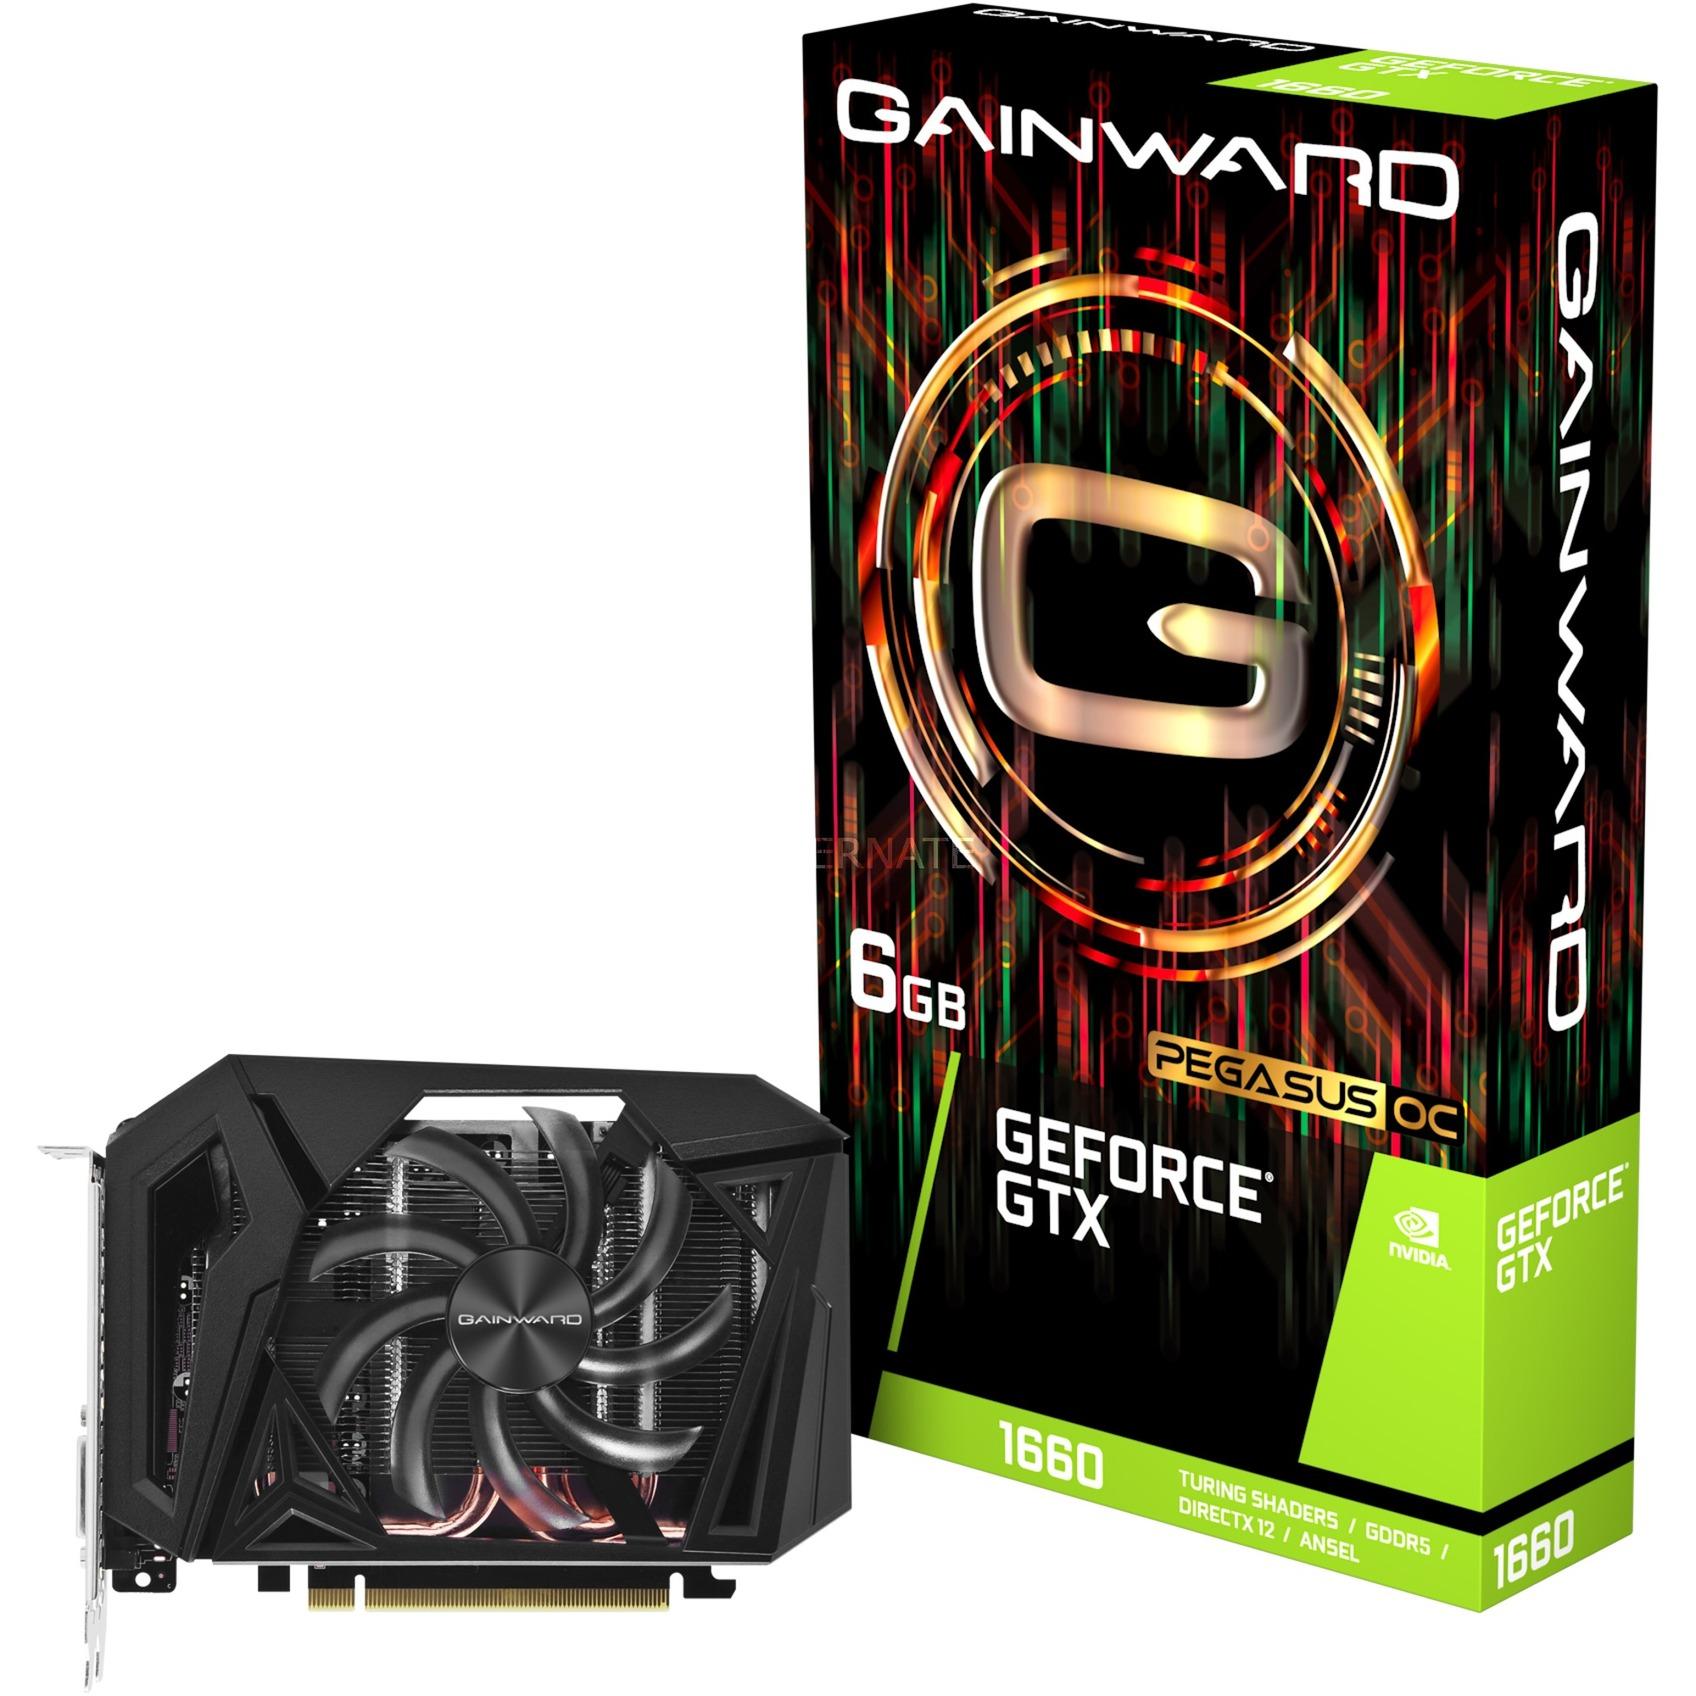 426018336-4382 GeForce GTX 1660 6 GB GDDR5, Tarjeta gráfica